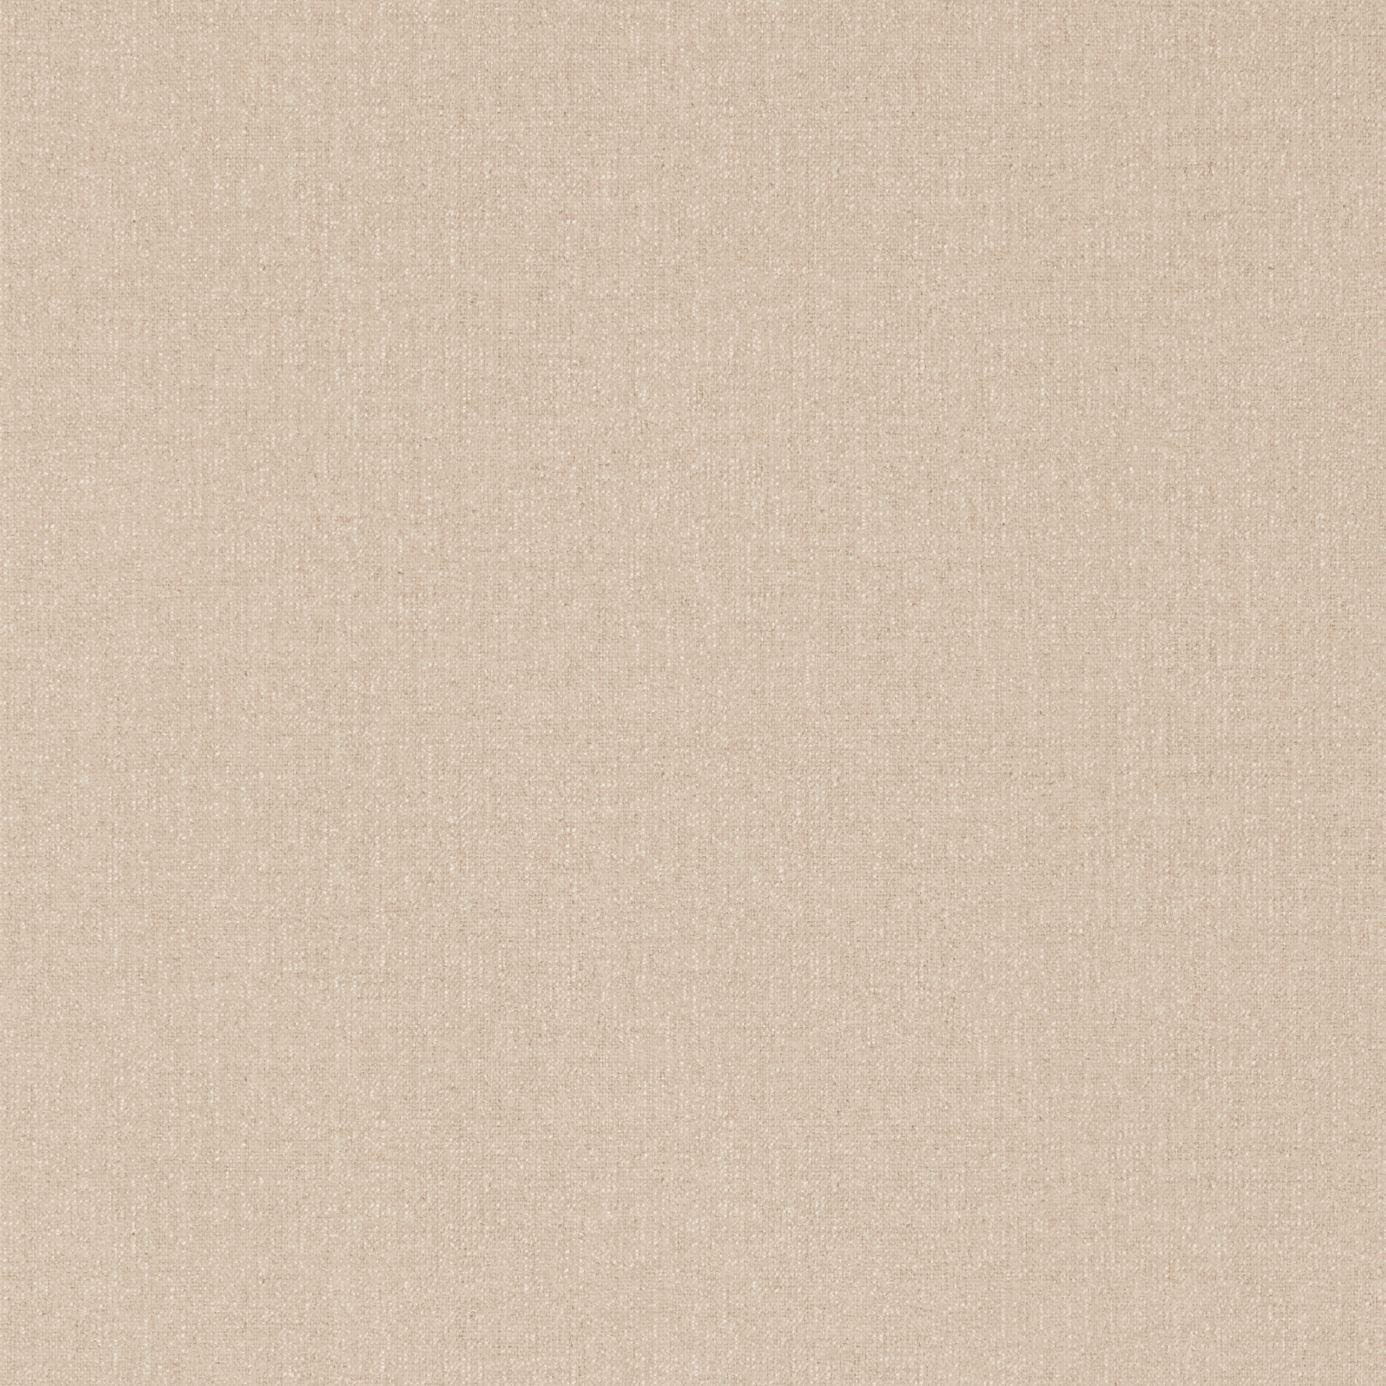 Английские обои Sanderson,  коллекция Sojourn, артикул215448